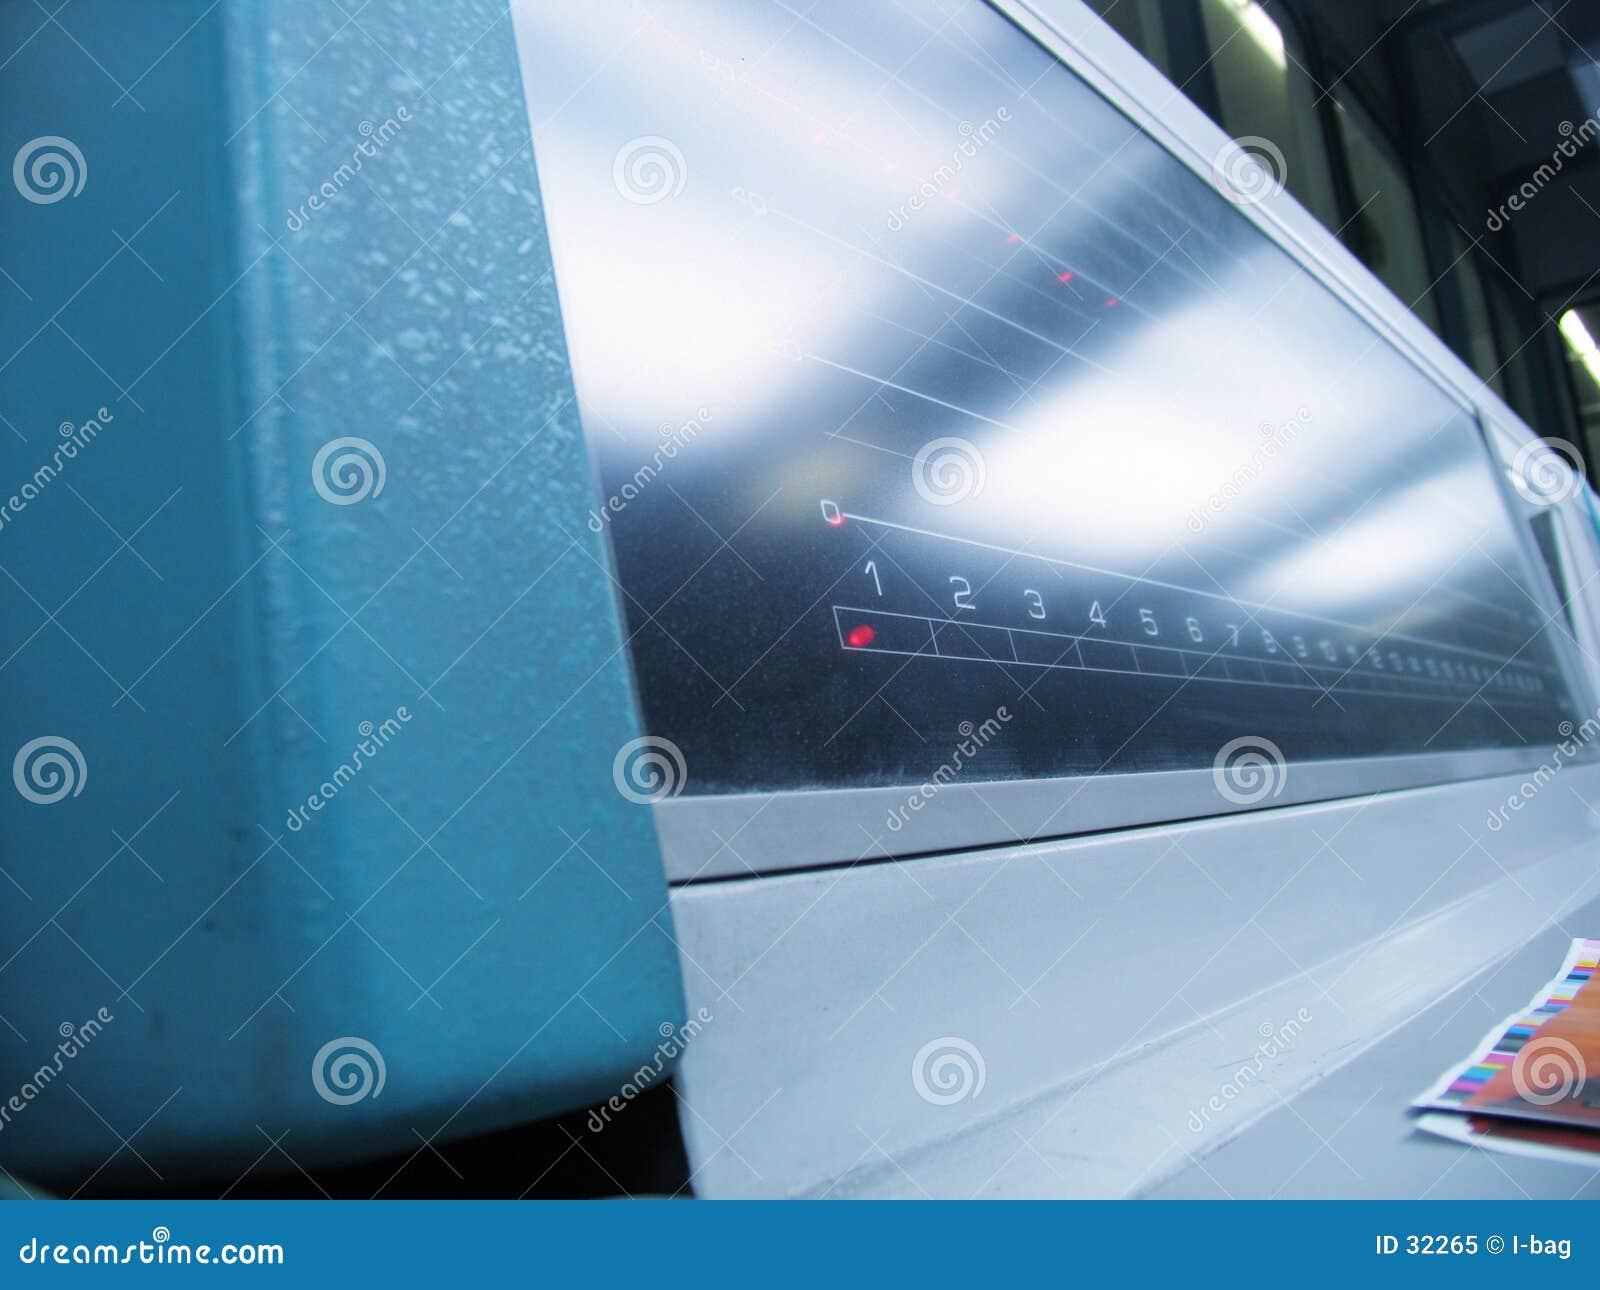 Download Druckenmaschinenpanel stockbild. Bild von kommunikation - 32265